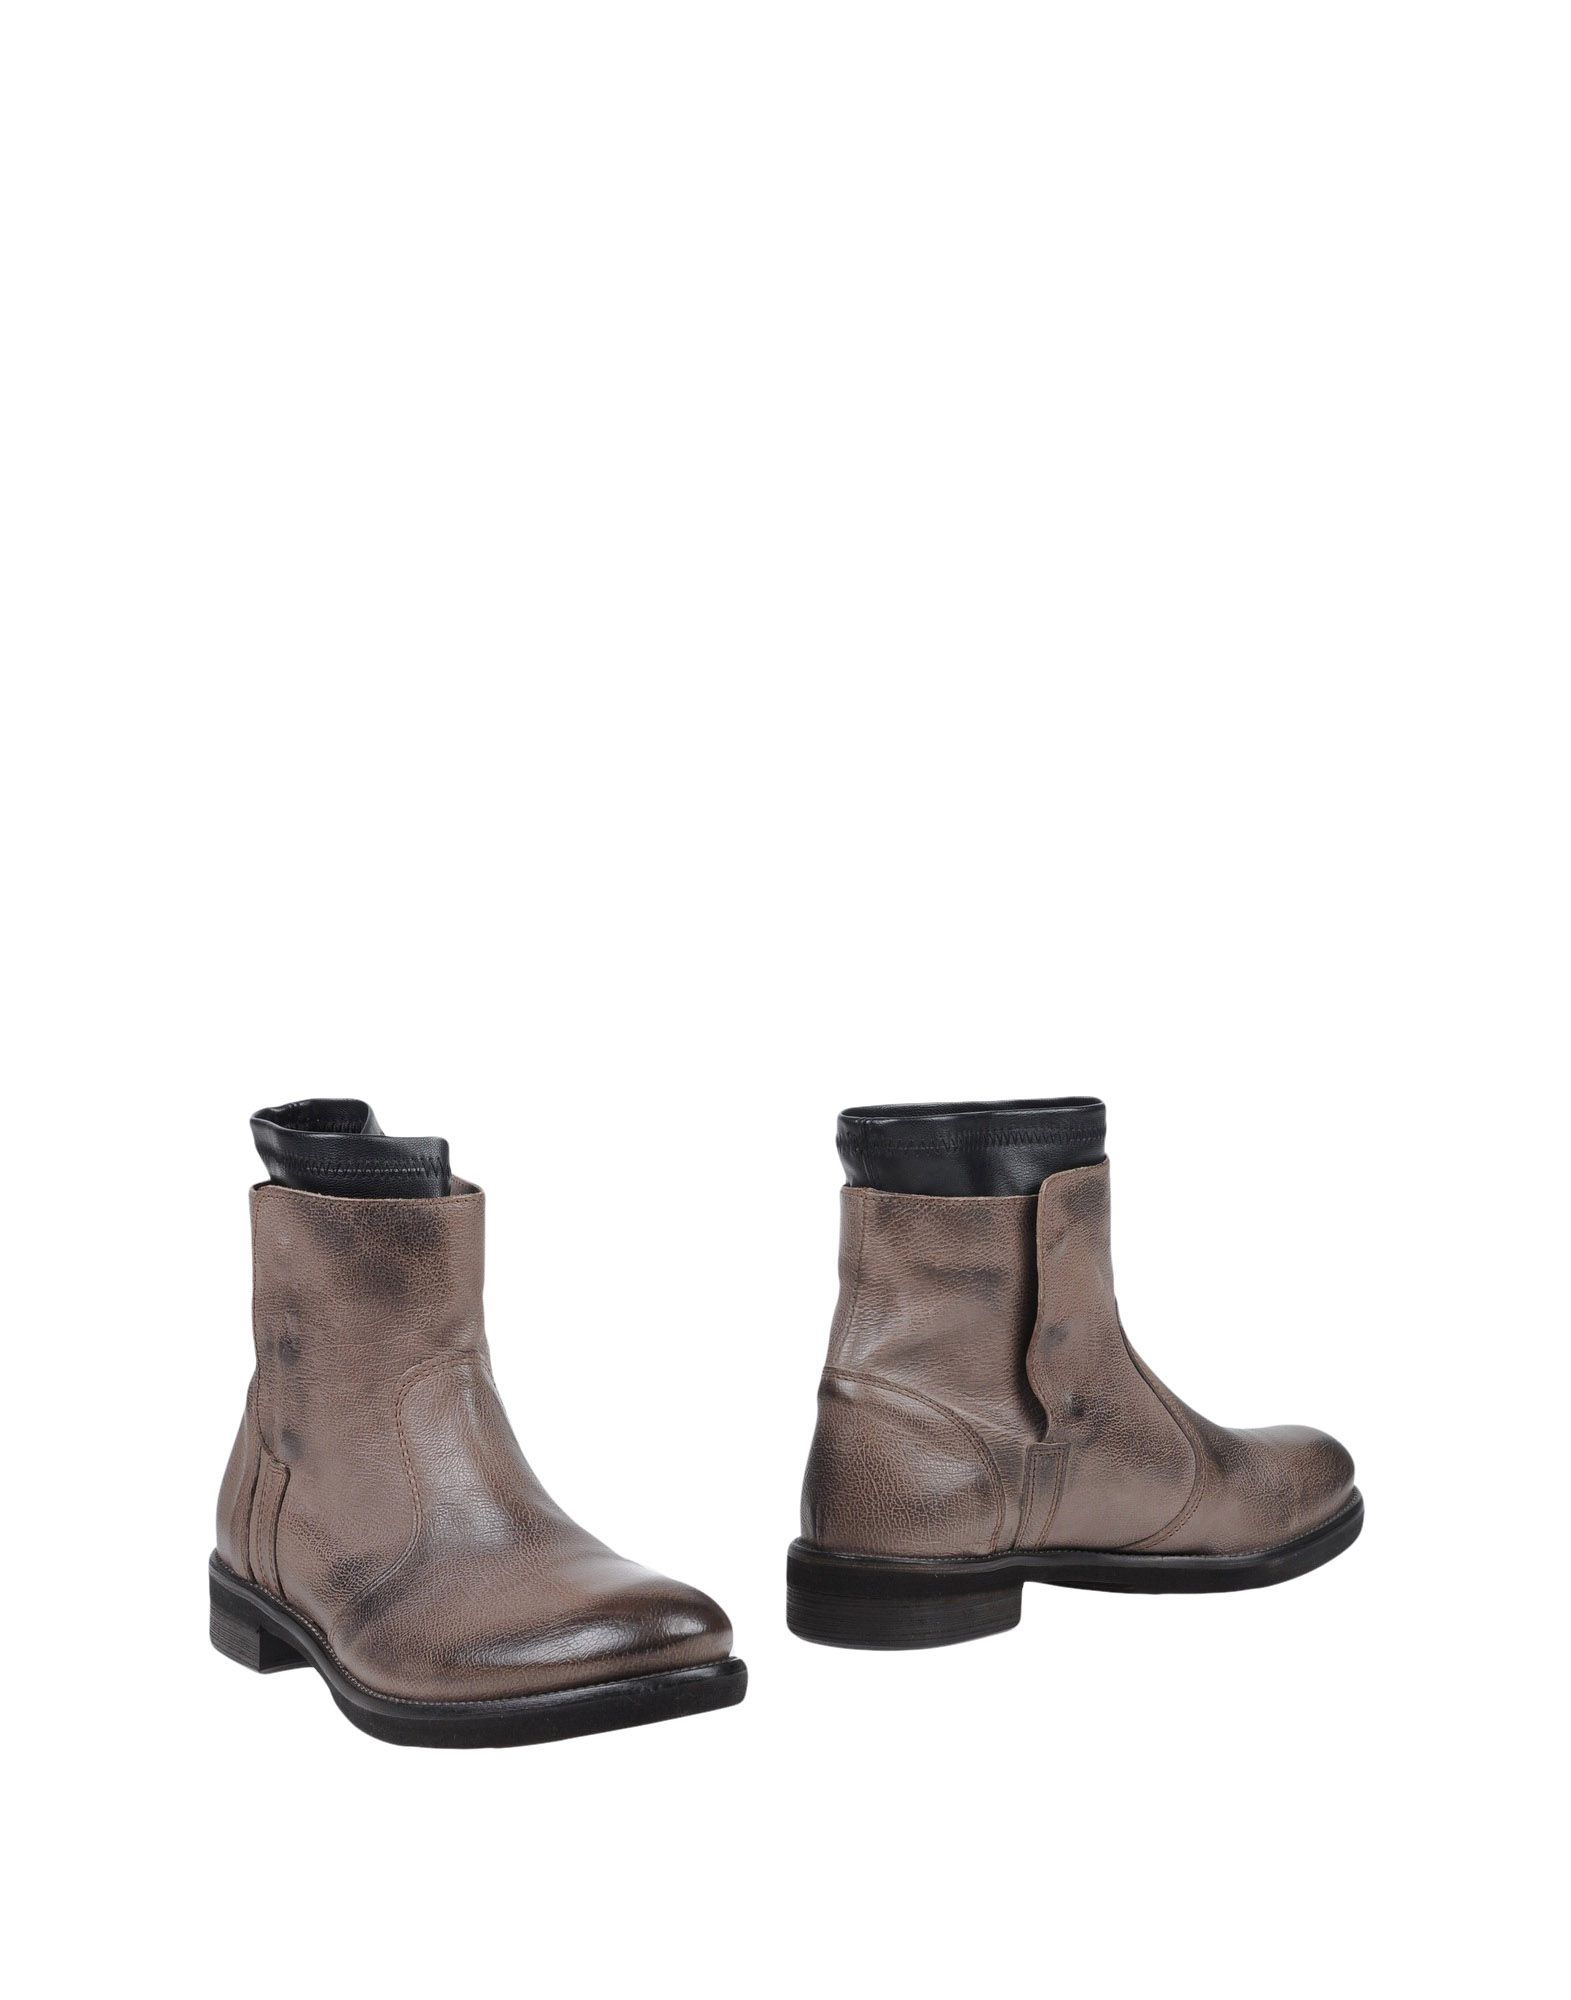 Keb Stiefelette Damen  11392724EM Gute Qualität beliebte Schuhe